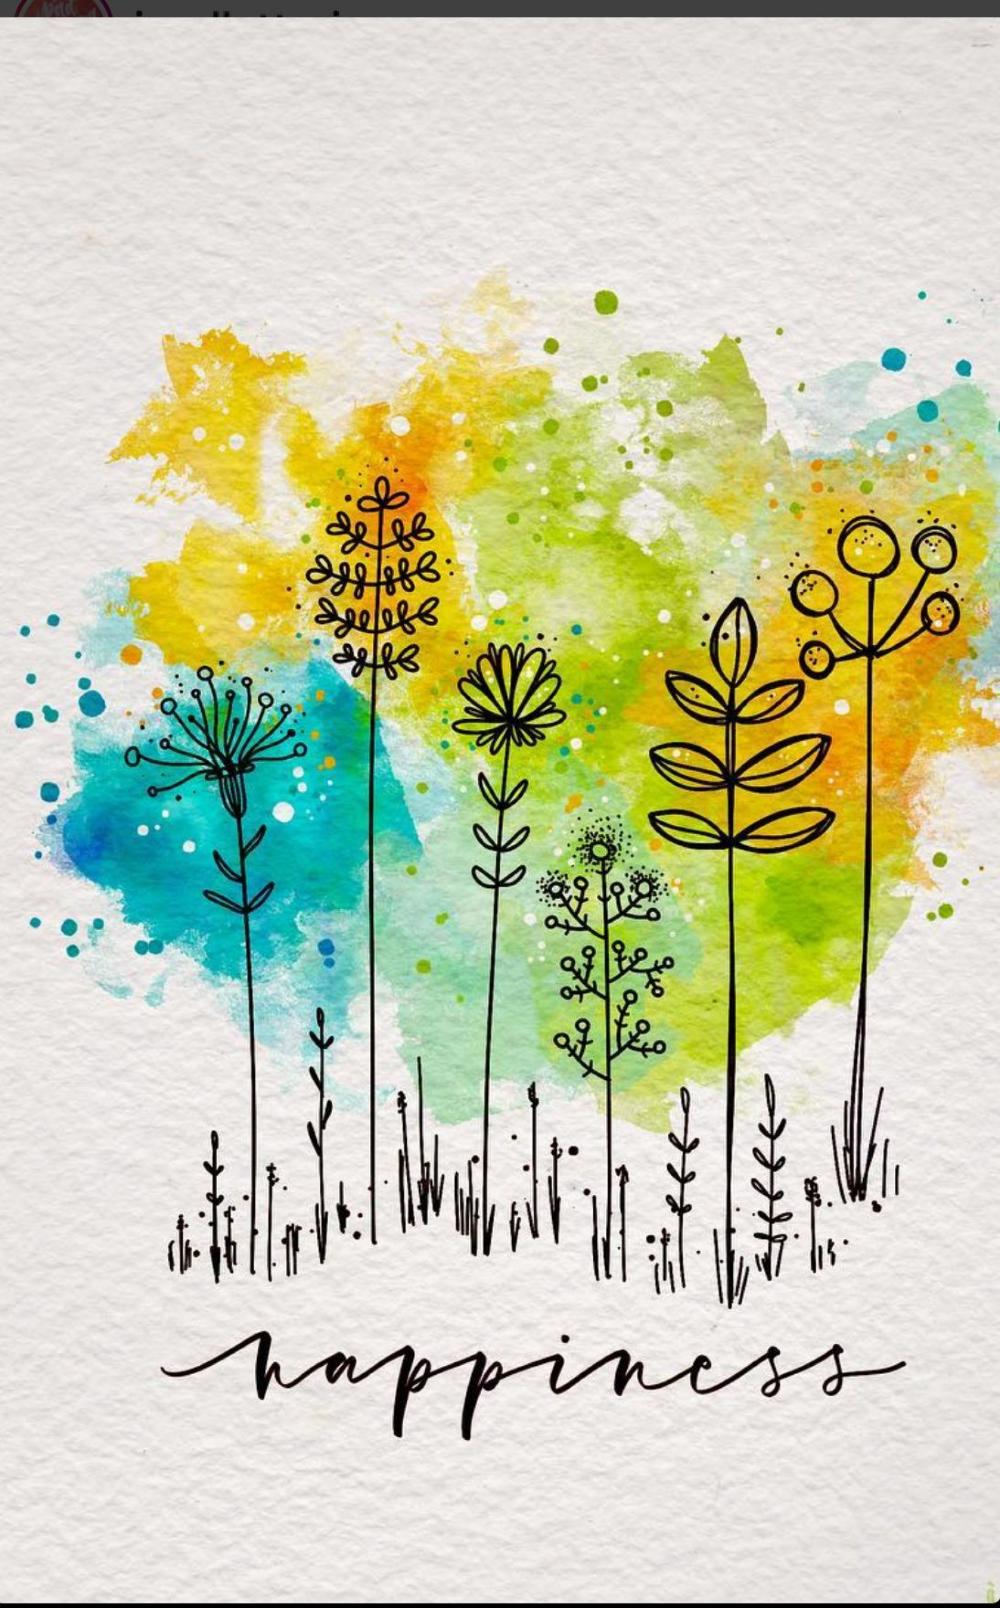 Aquarell Seiten Malbuch Potentialplayers Malvorlagen Fur Kinder Blumenzeichnung Kinder Leinwand Kunst Wasserfarbenblumen